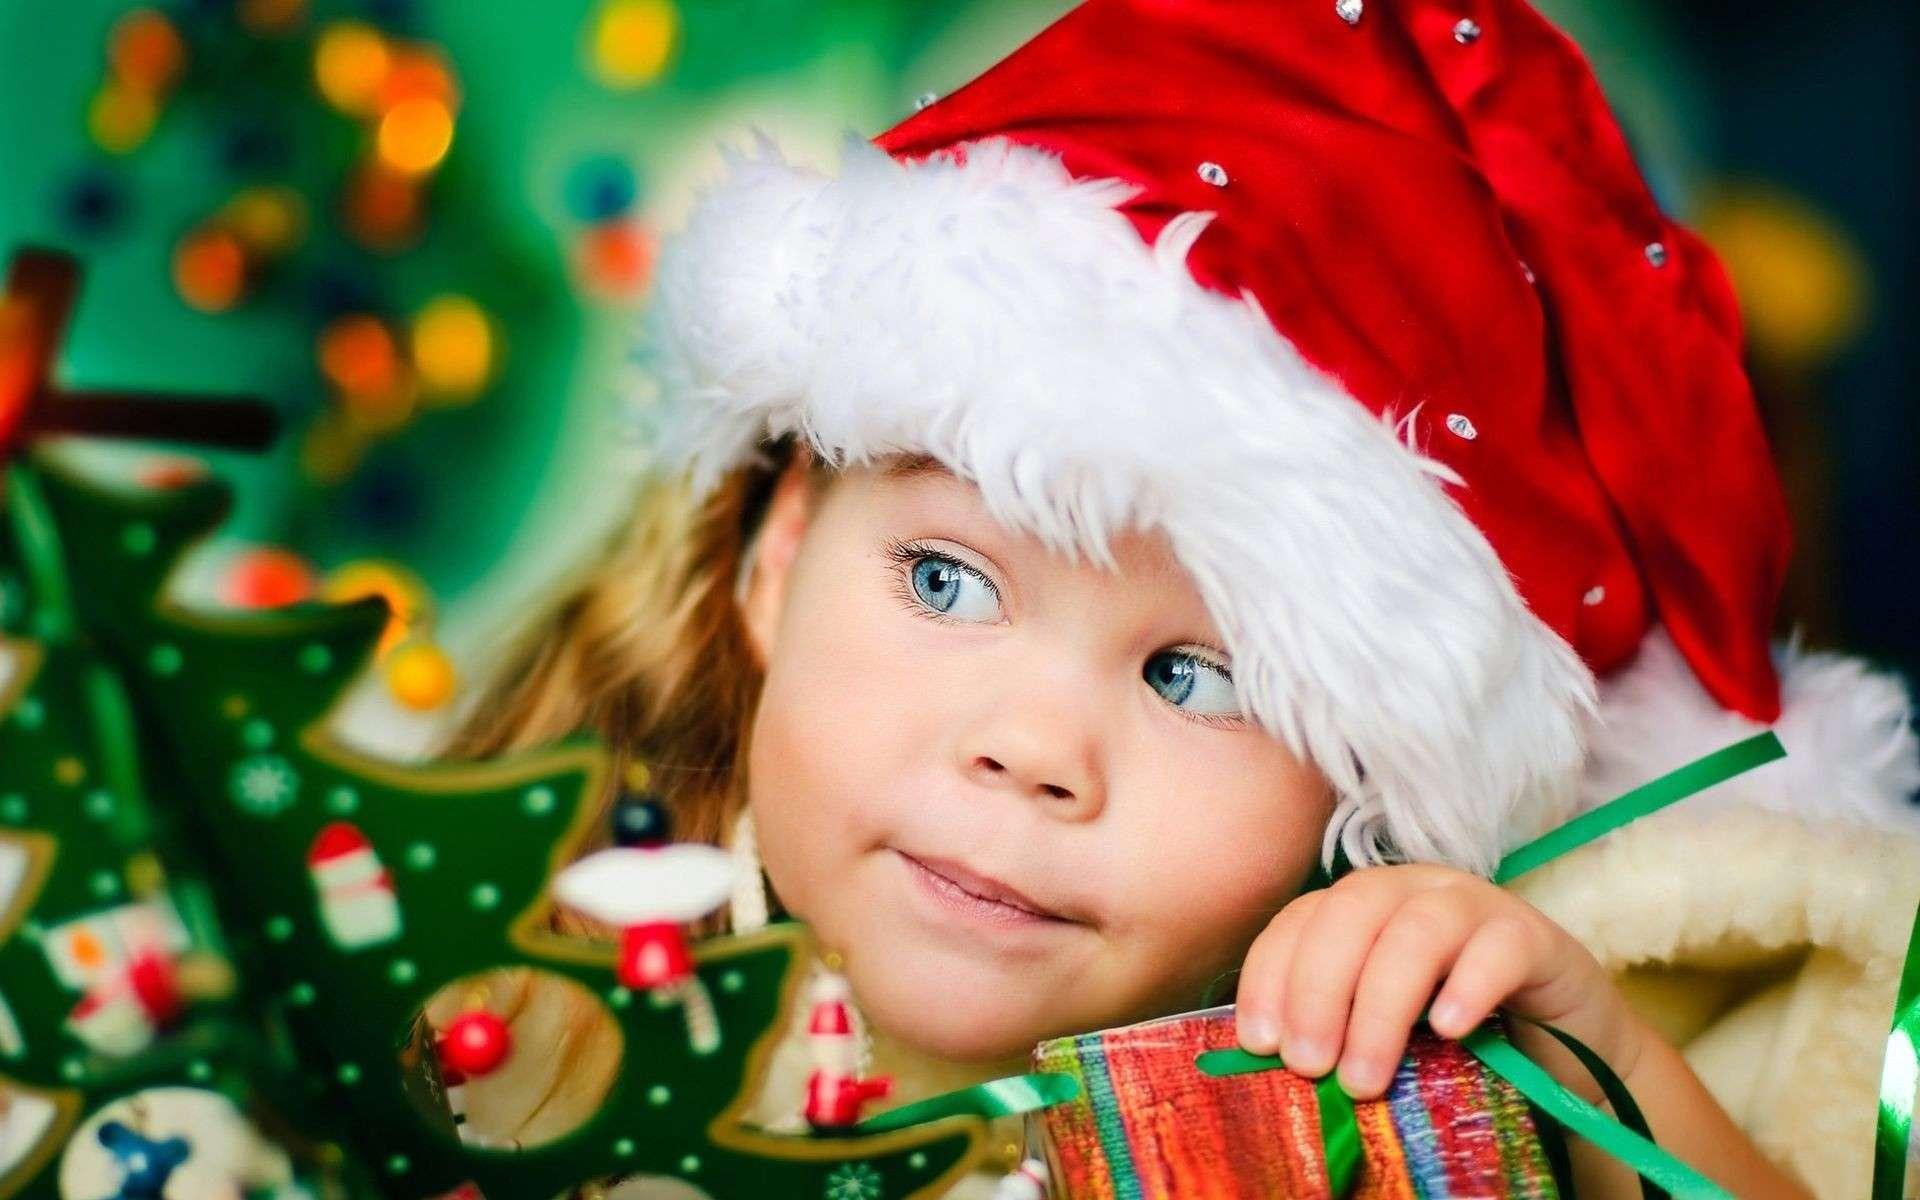 Buon Natale Bambini.Ll Buon Natale E A Misura Di Bambino L Occasione